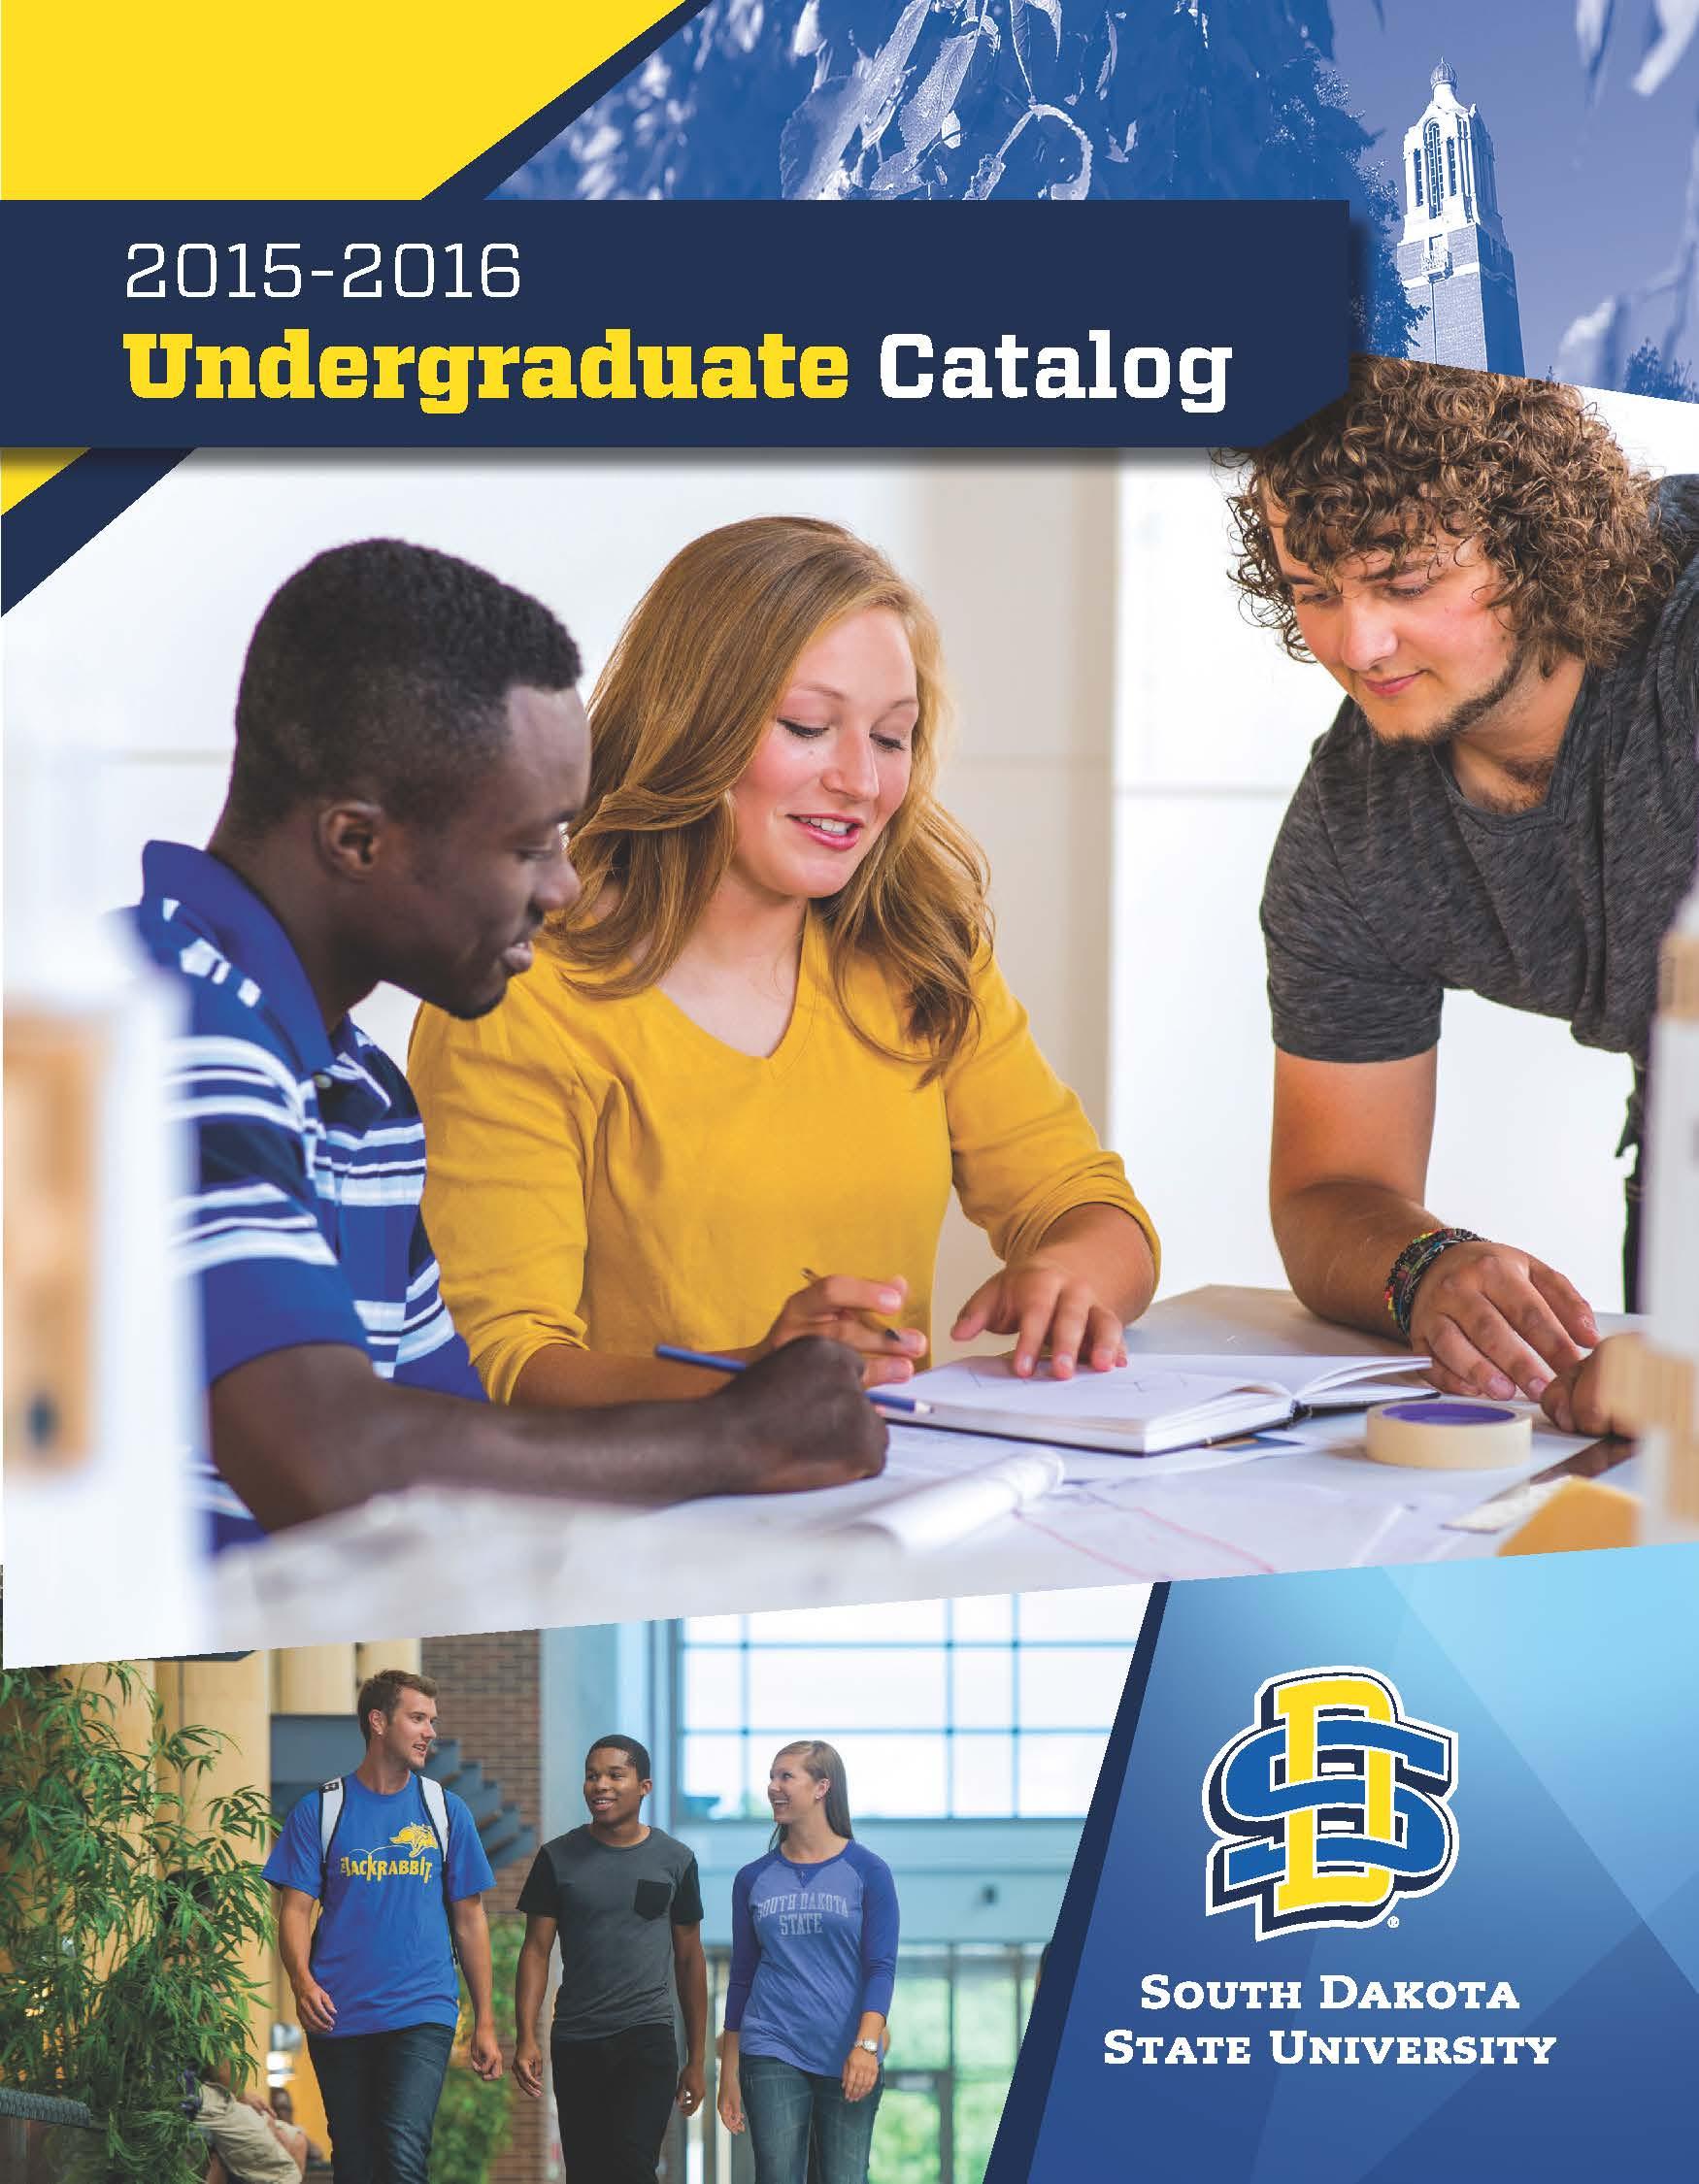 %undergraduate%catalog%cover